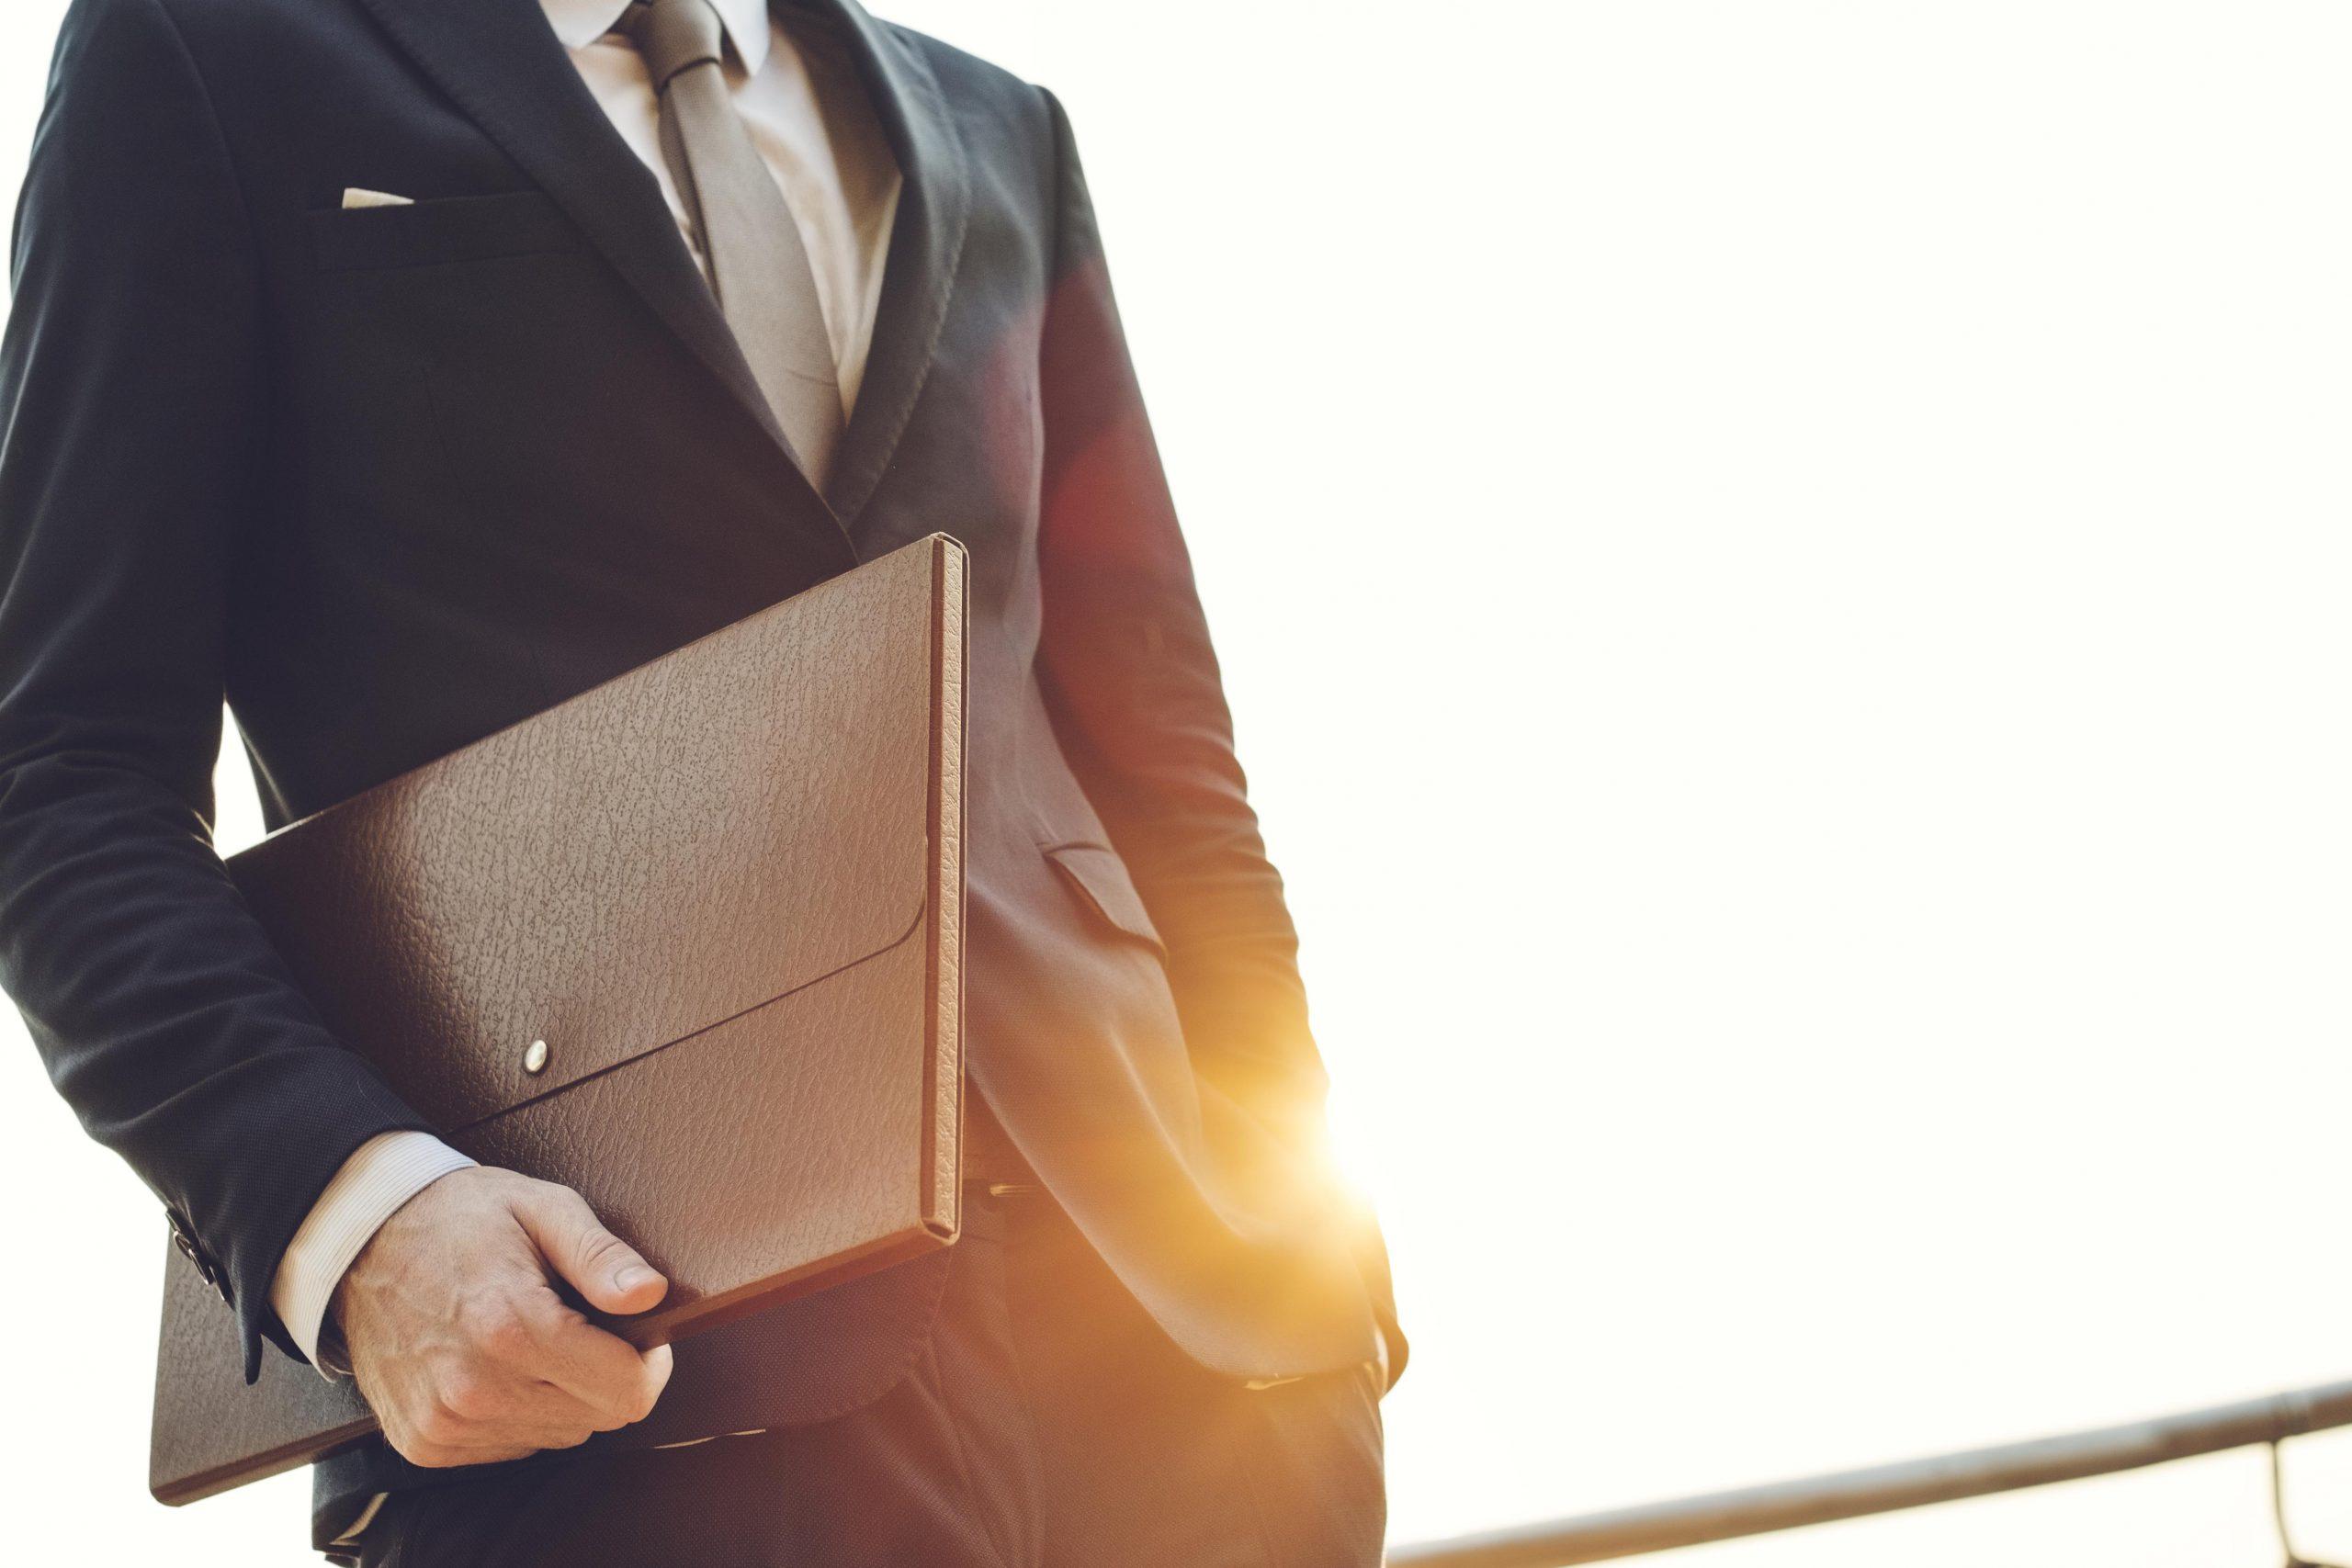 Propósito de vida, sonhos e autogestão de carreira